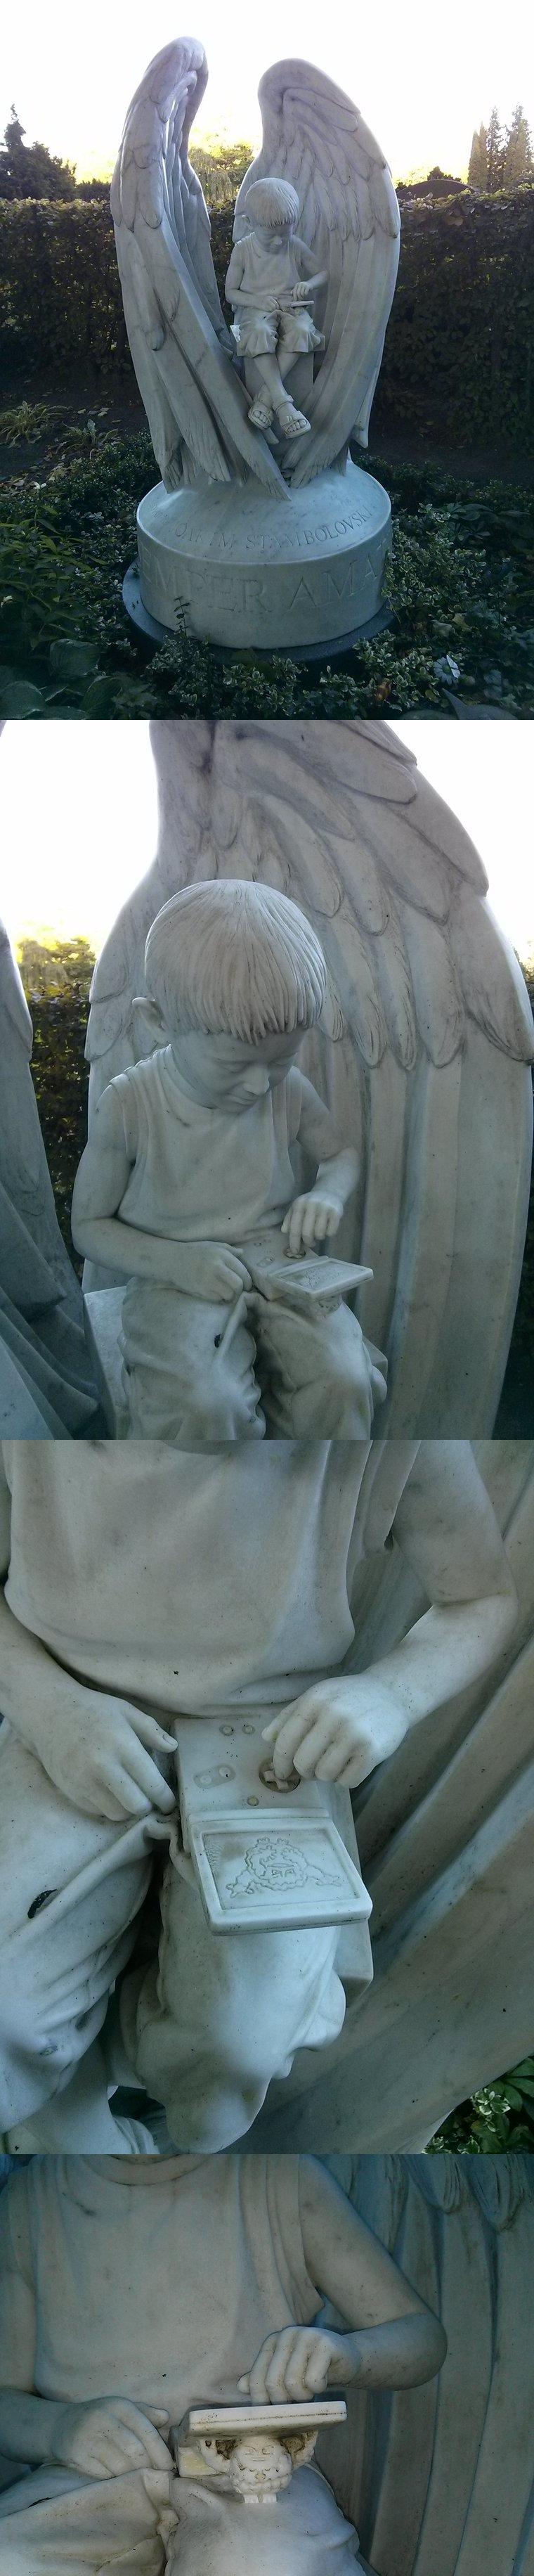 Pokefeels.. .. >grave-ler Pokefeels >grave-ler